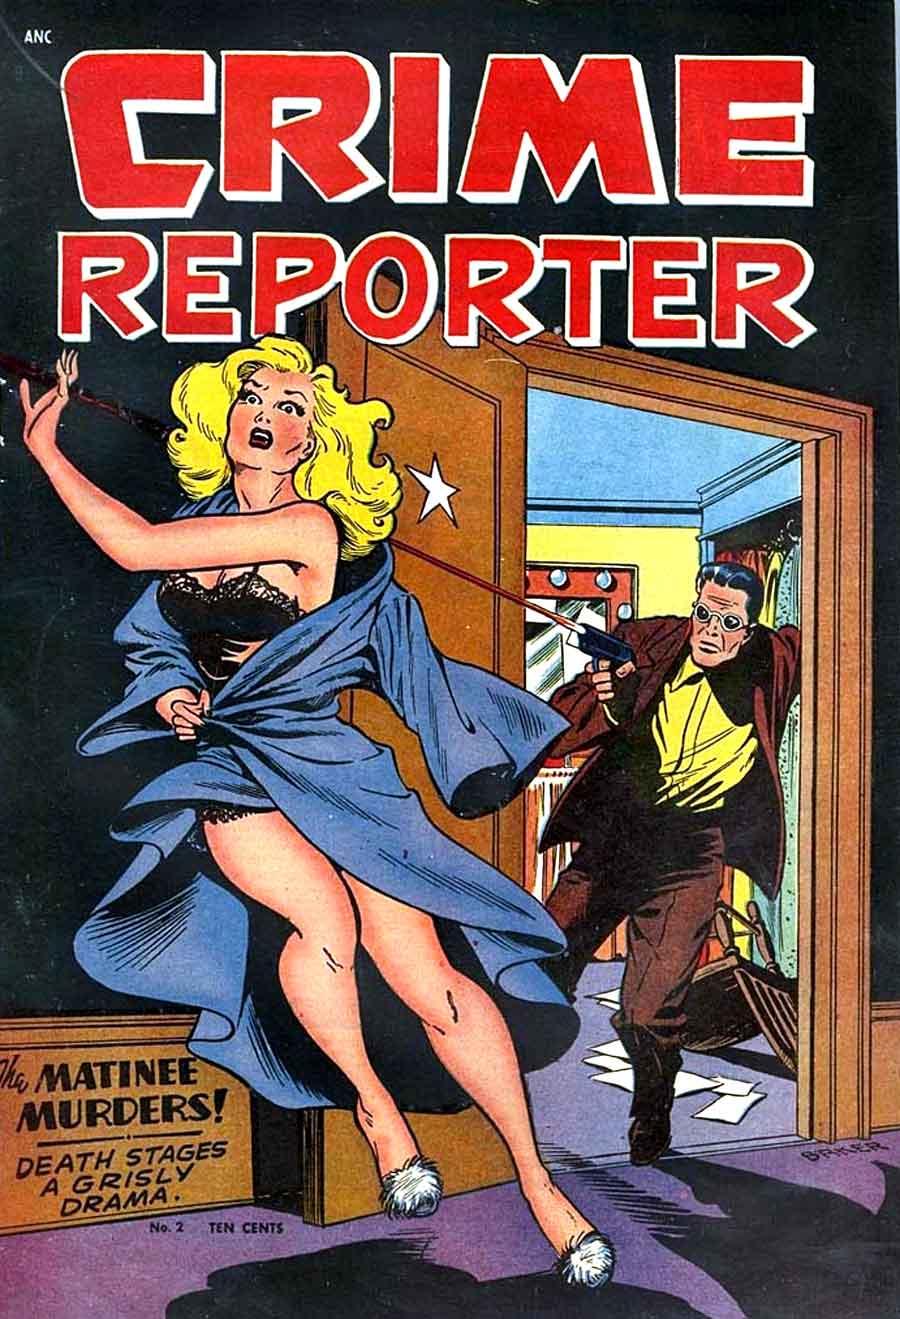 Crime Reporter v1 #2 - Matt Baker golden age crime comic book cover art